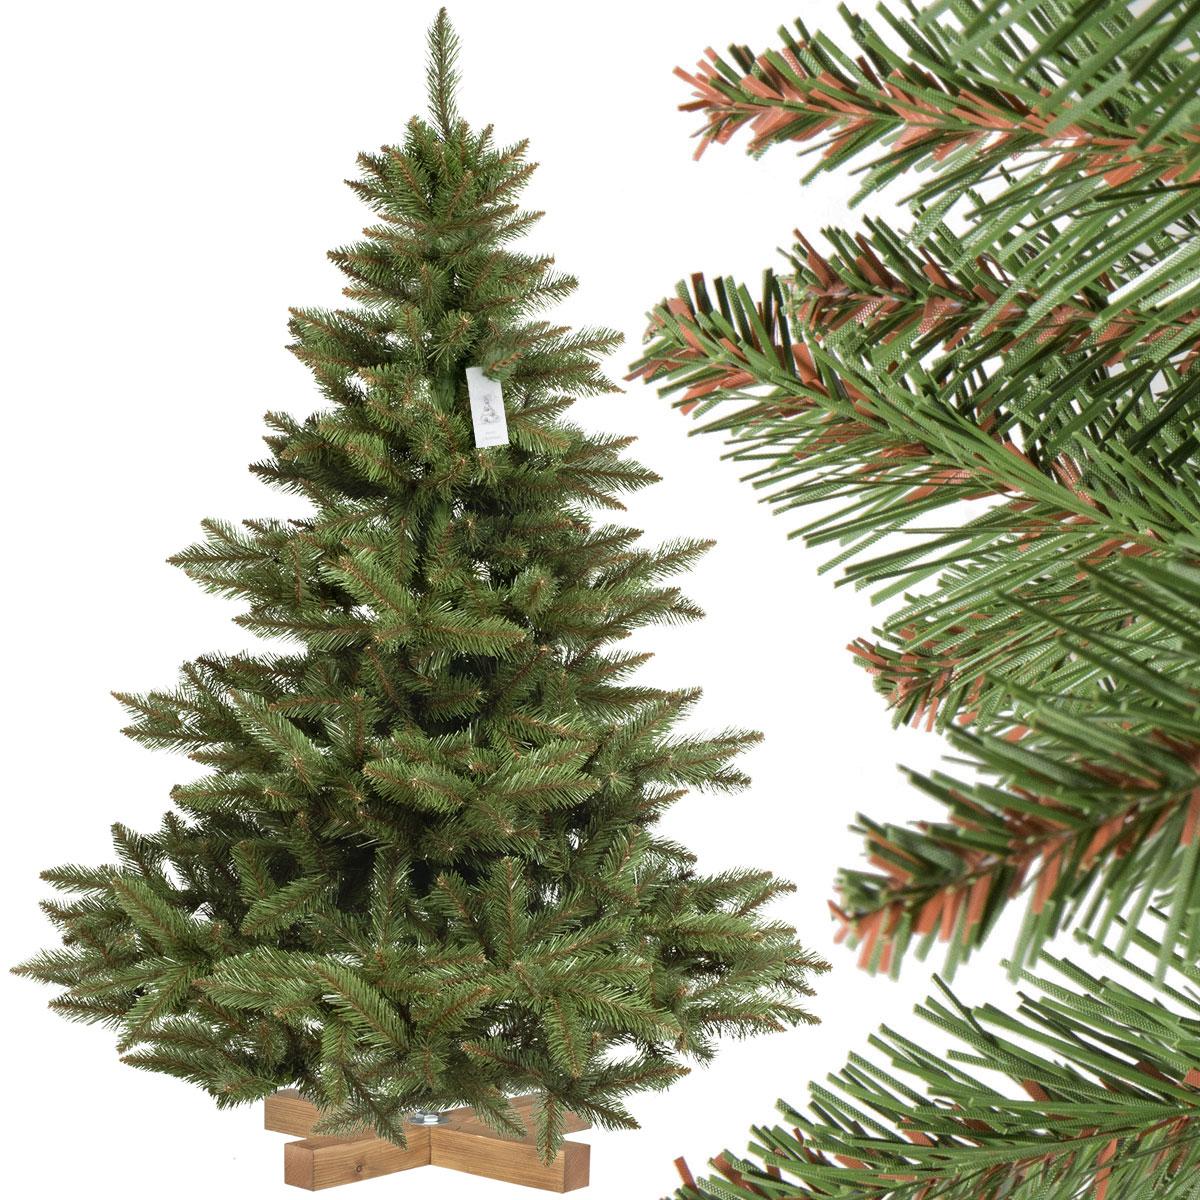 Poznajmy się - choinka świąteczna z najnowszej kolekcji FairyTrees 2020 1